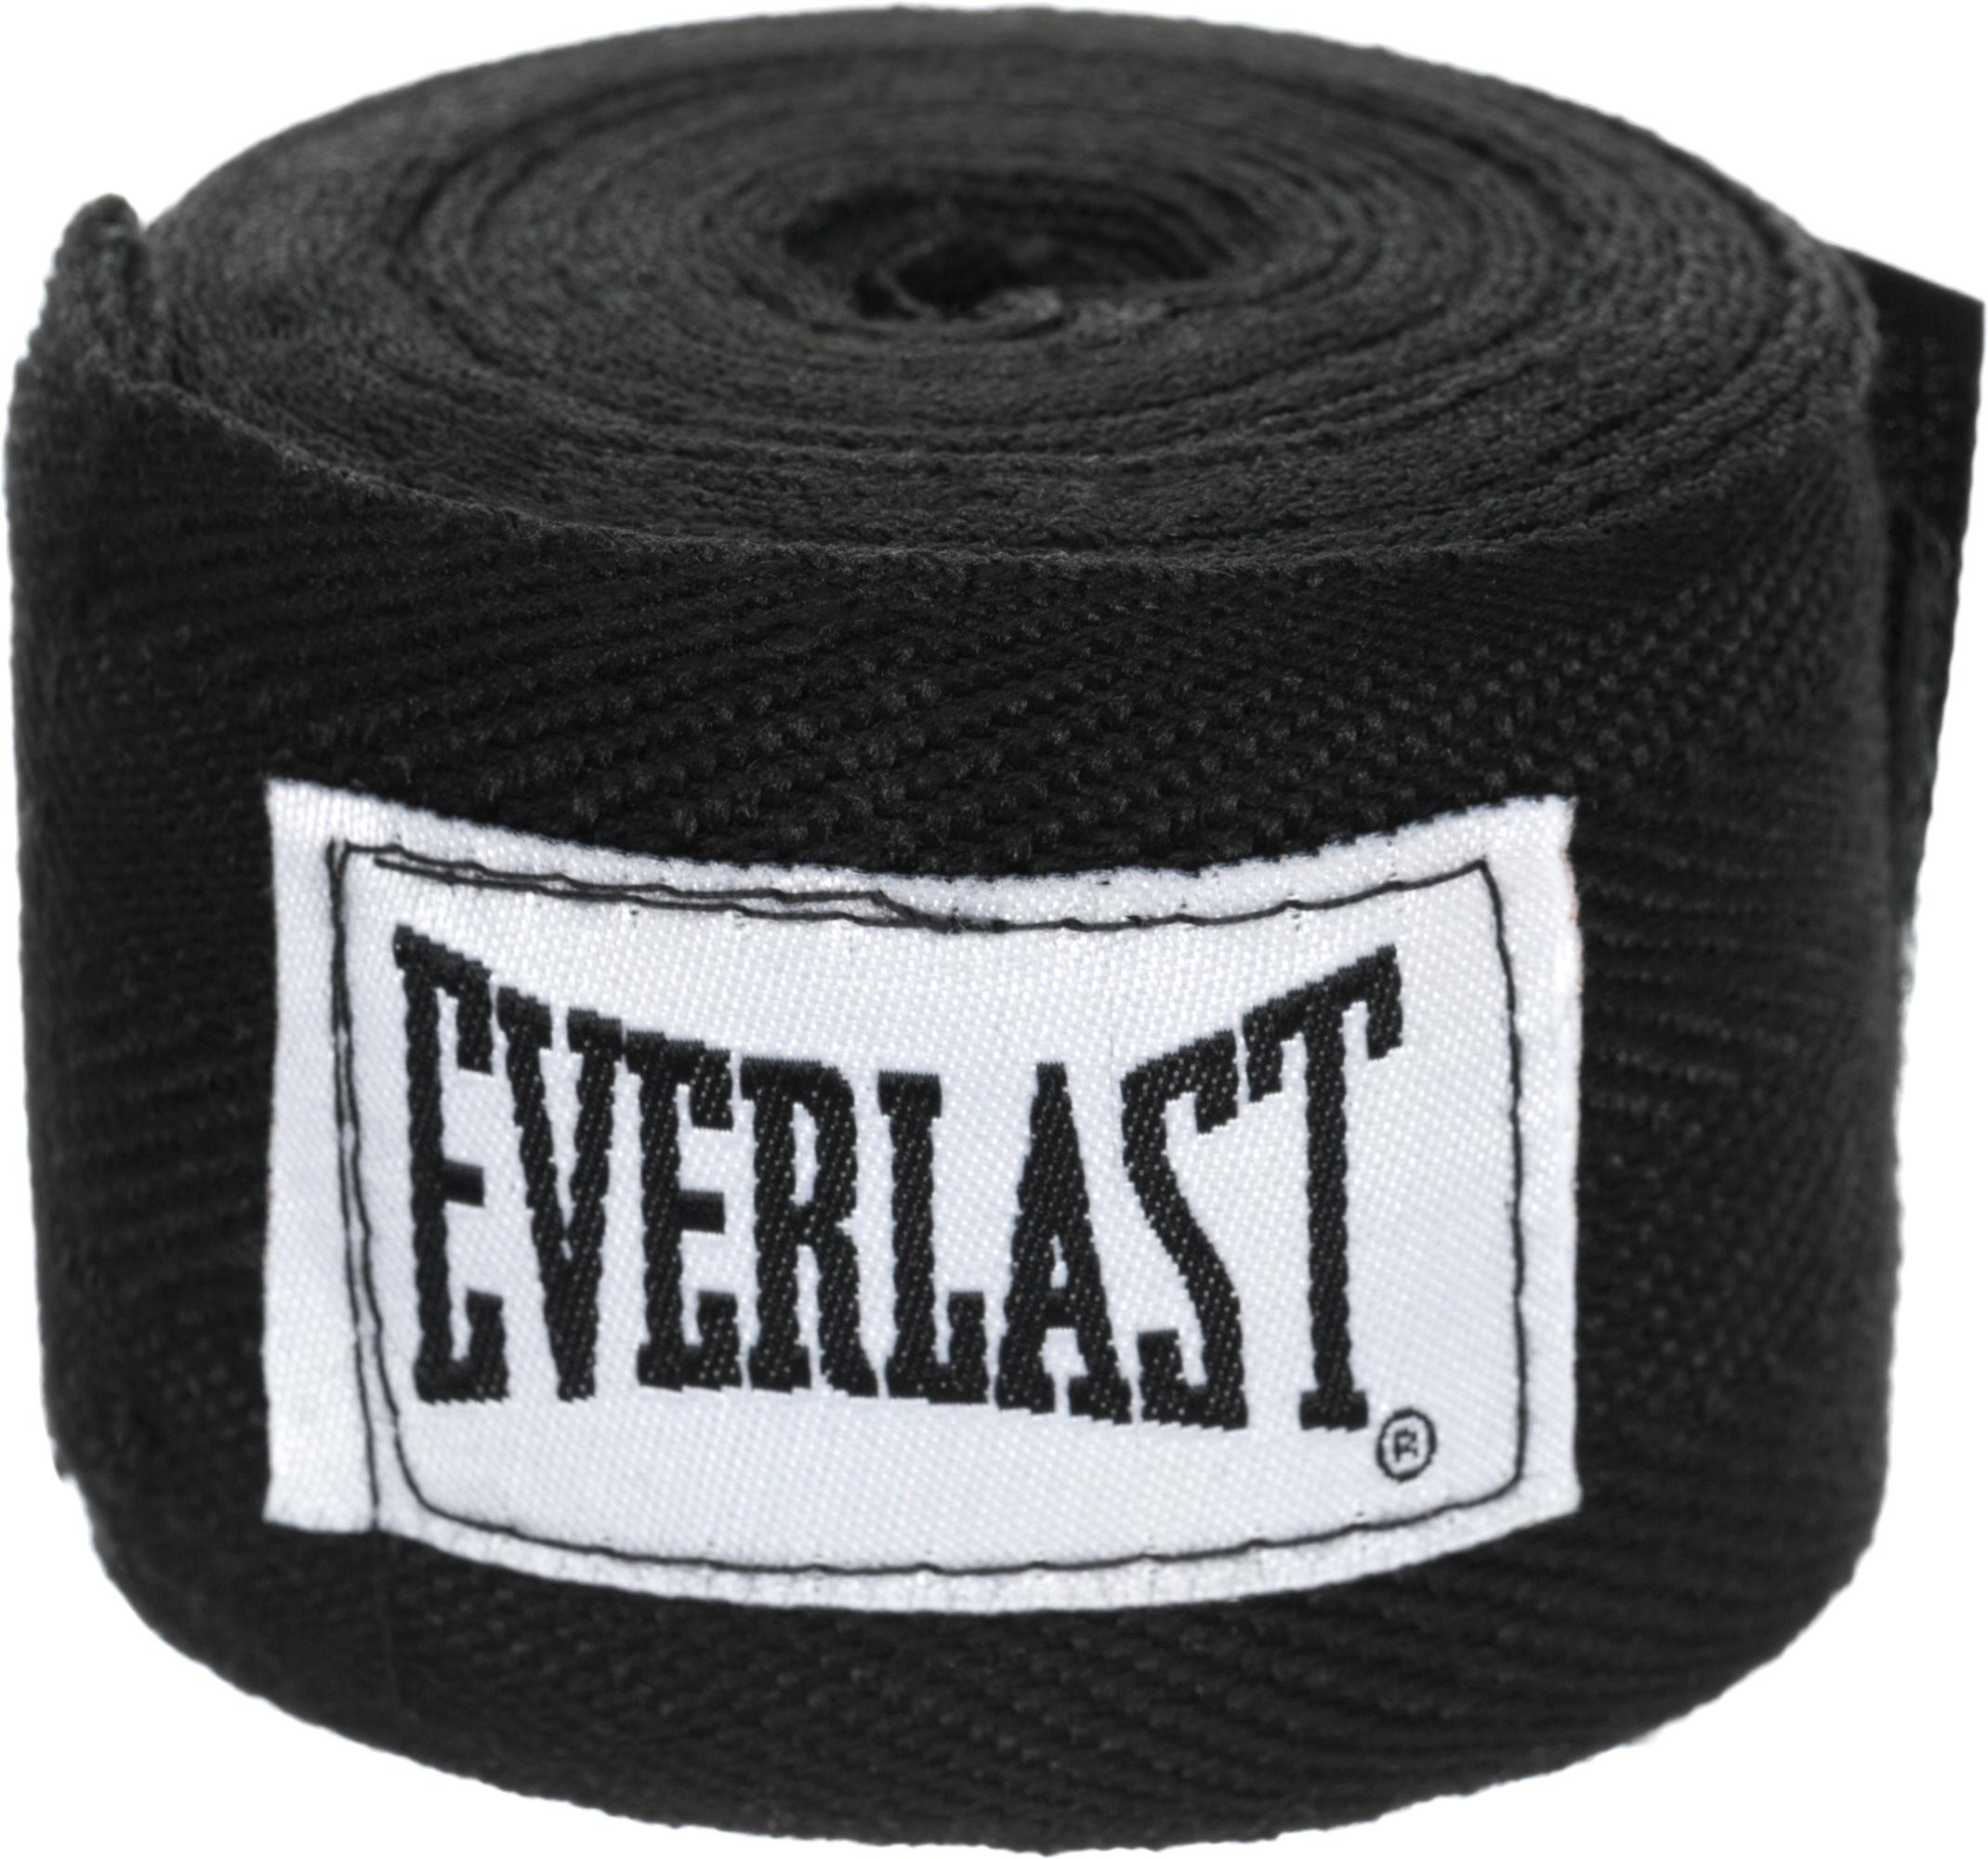 Everlast Бинты 2,5 м, 2 шт.